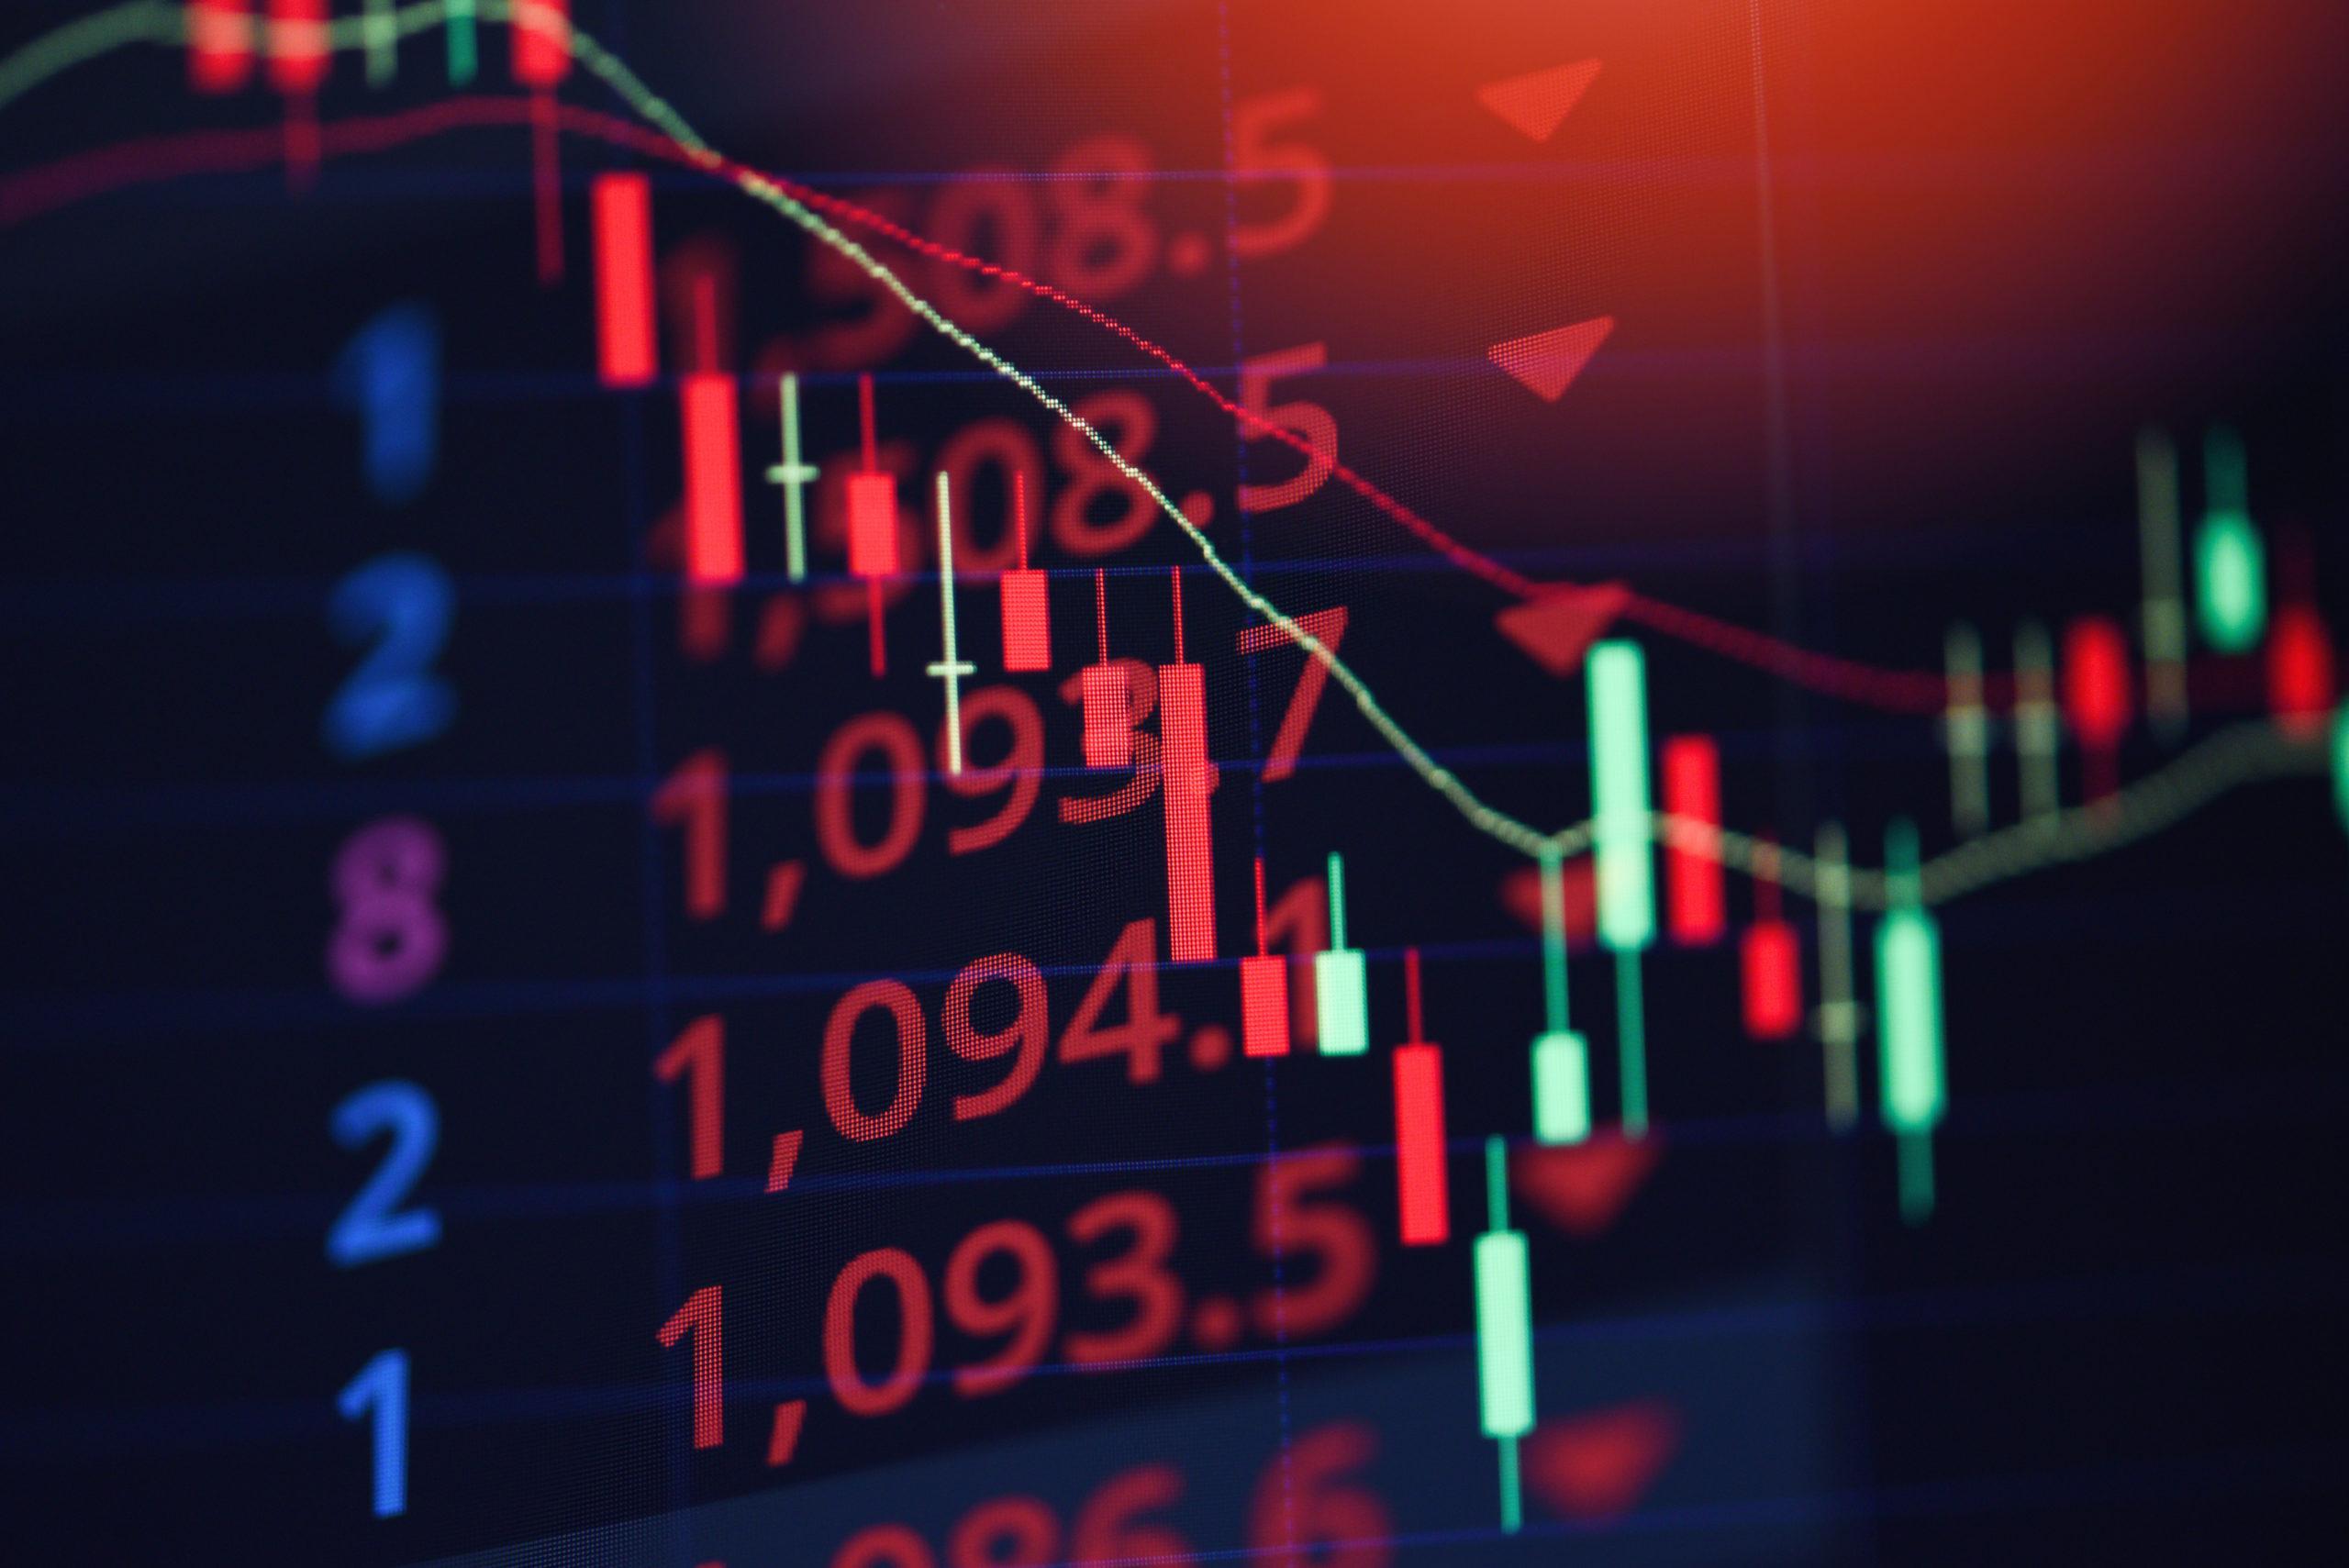 bitcoin btc guncel durum analistler dusus hakkinda neler soyledi